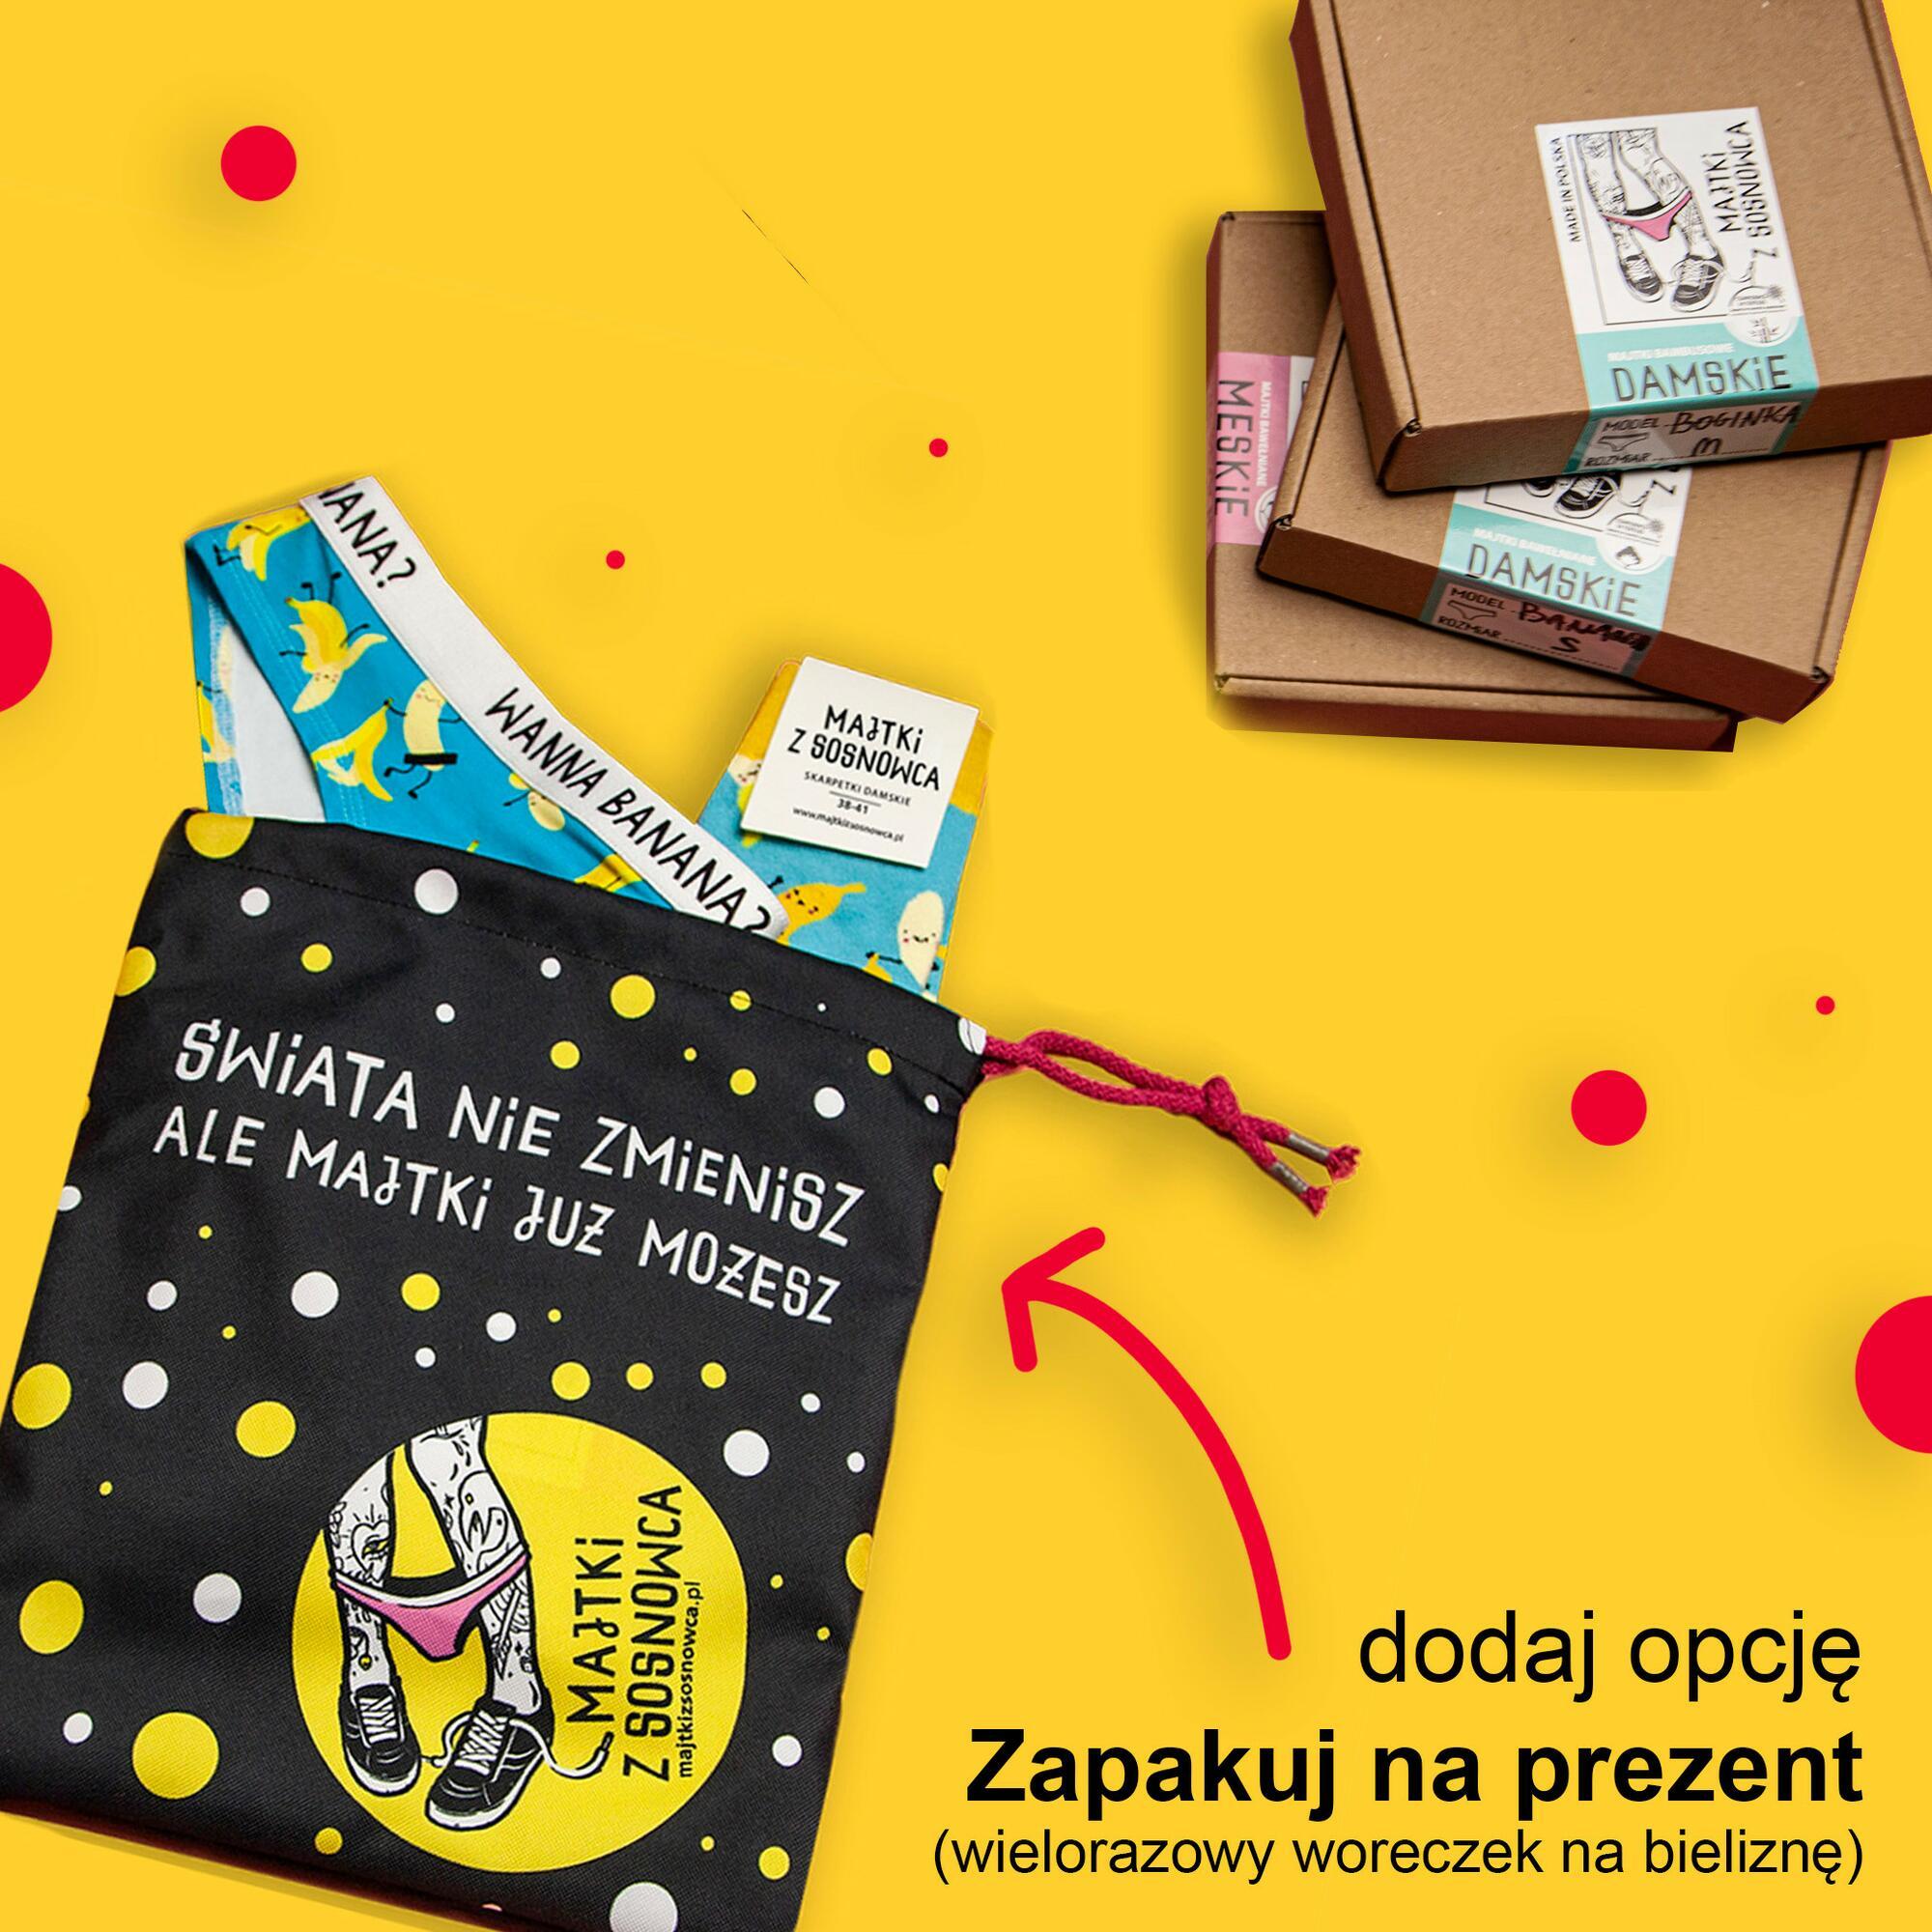 Kobieta Rakieta - figi bawełniane damskie - Majtki z Sosnowca by After Panty | JestemSlow.pl